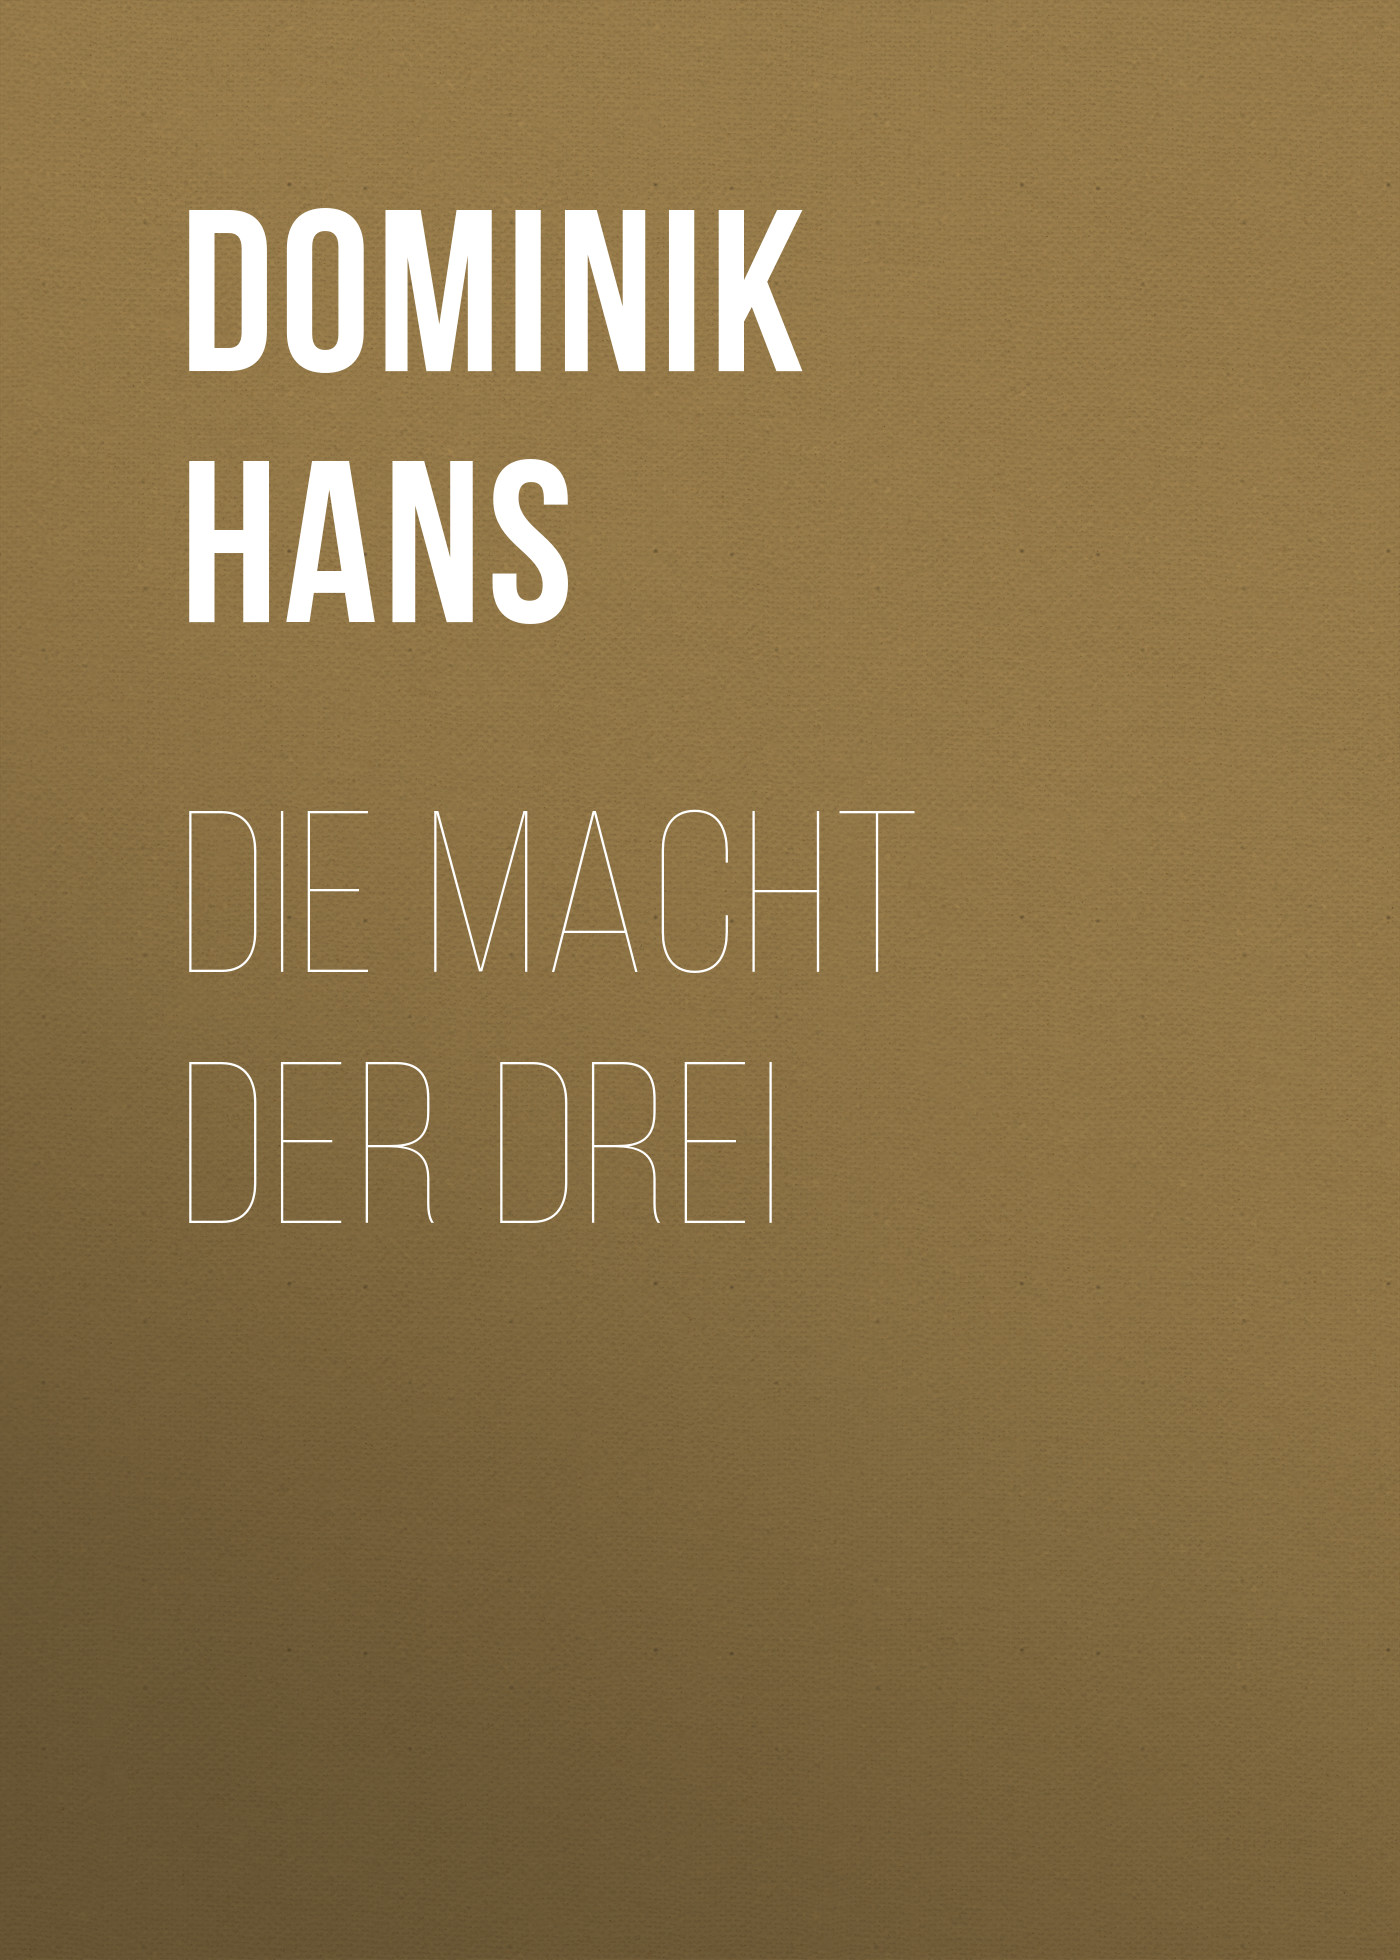 Dominik Hans Die Macht der Drei hans